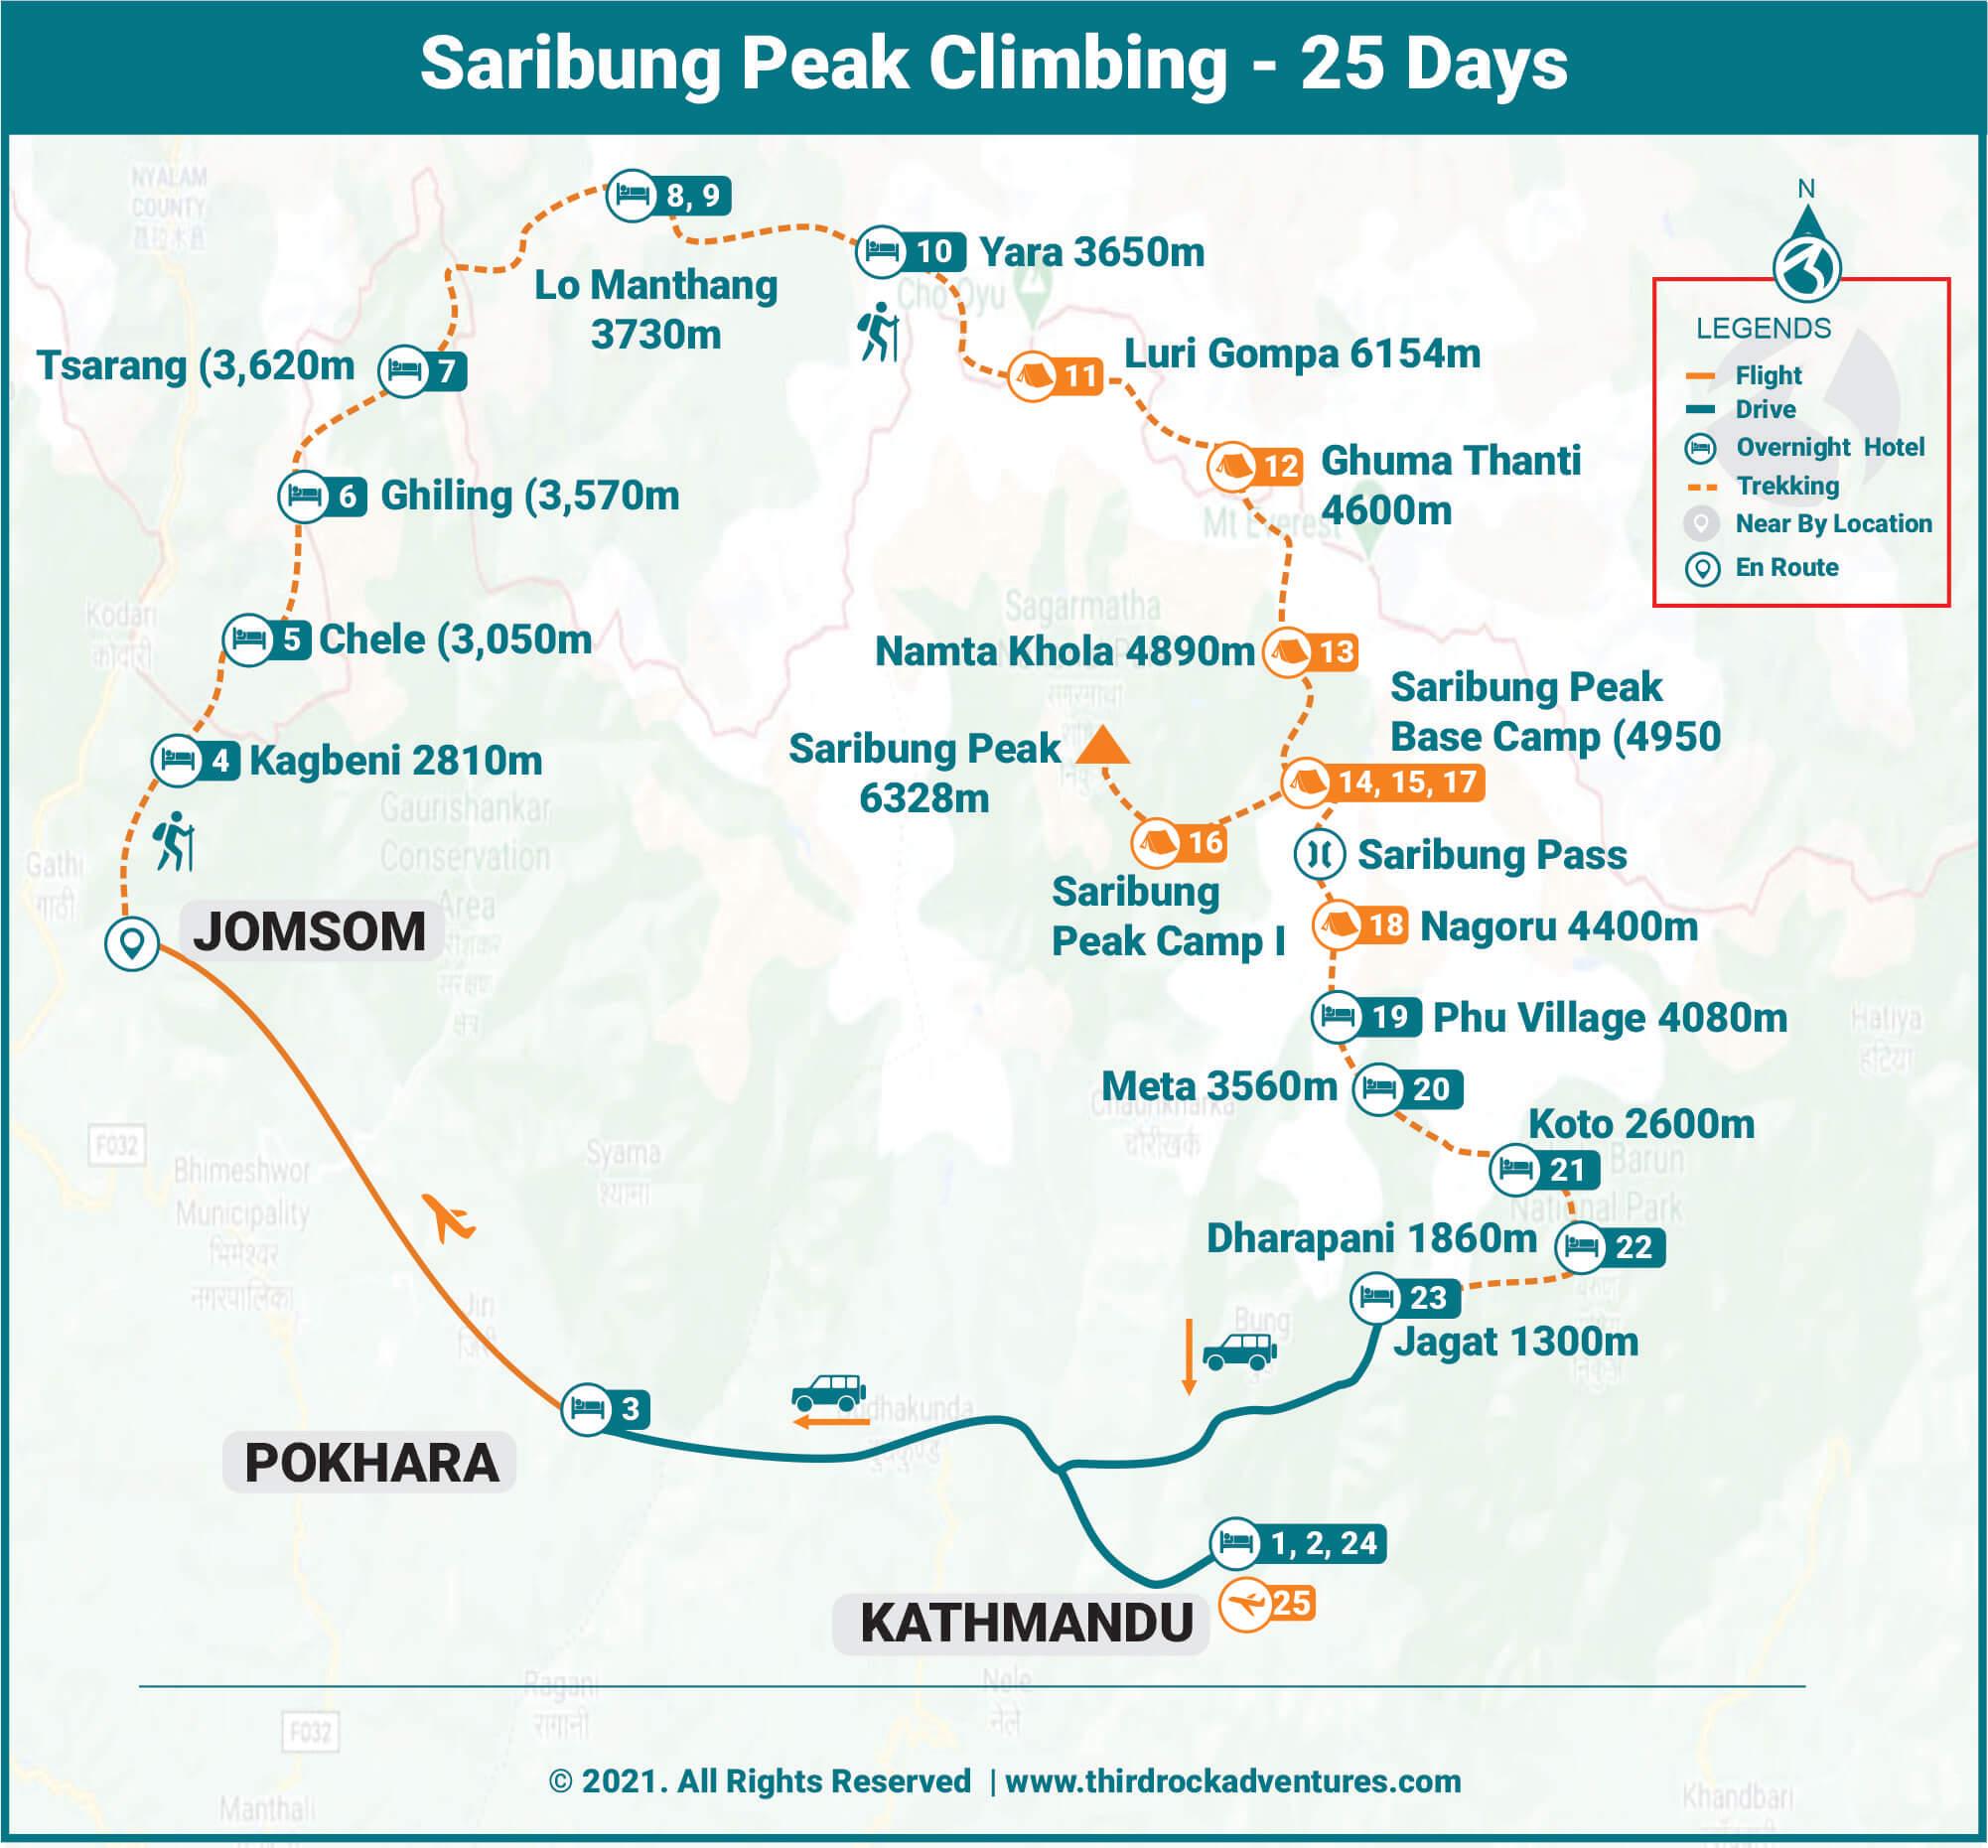 Saribung Peak Climbing Route Map